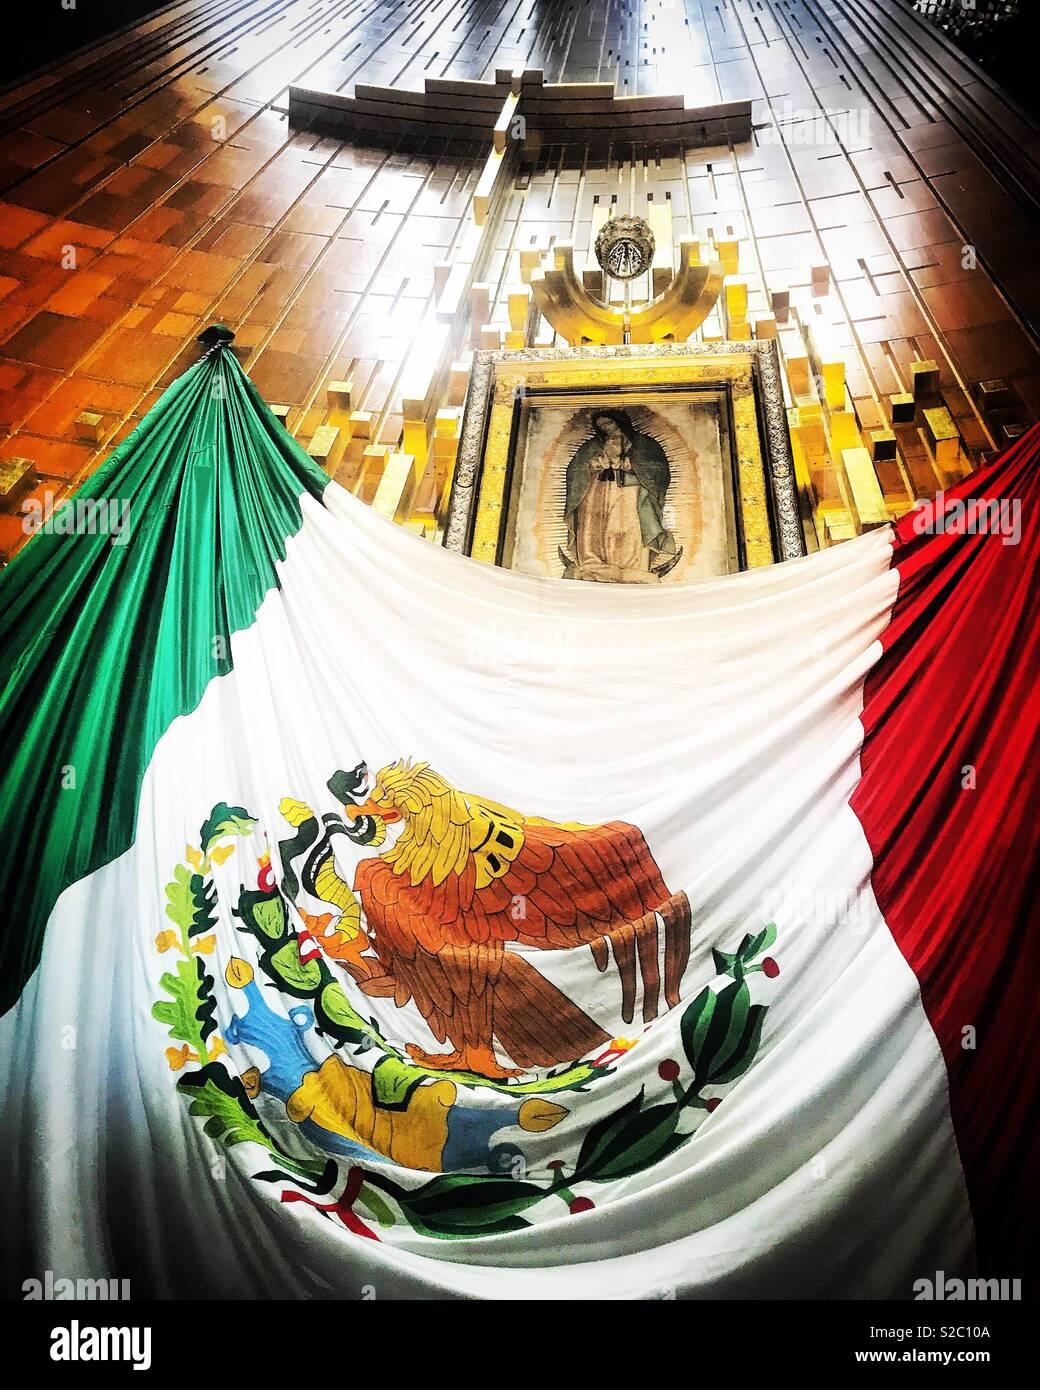 La bandera de México cubre el altar de Nuestra Señora de Guadalupe en la Ciudad de México, México Imagen De Stock